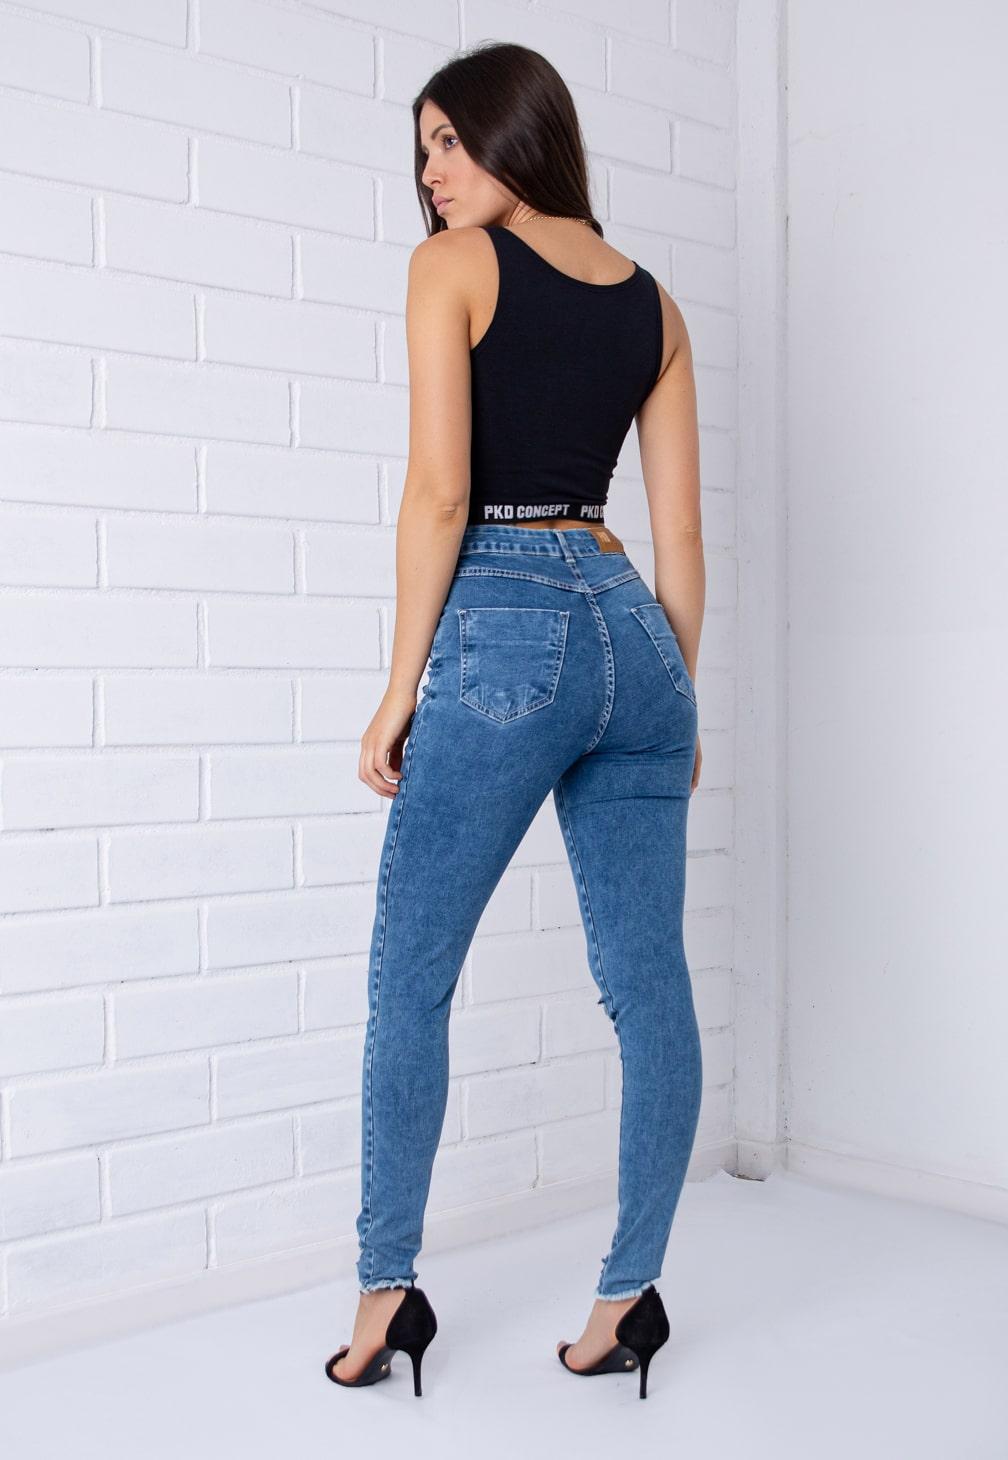 Calça Skinny Pkd Com Botões Encapados Destroyed Jeans